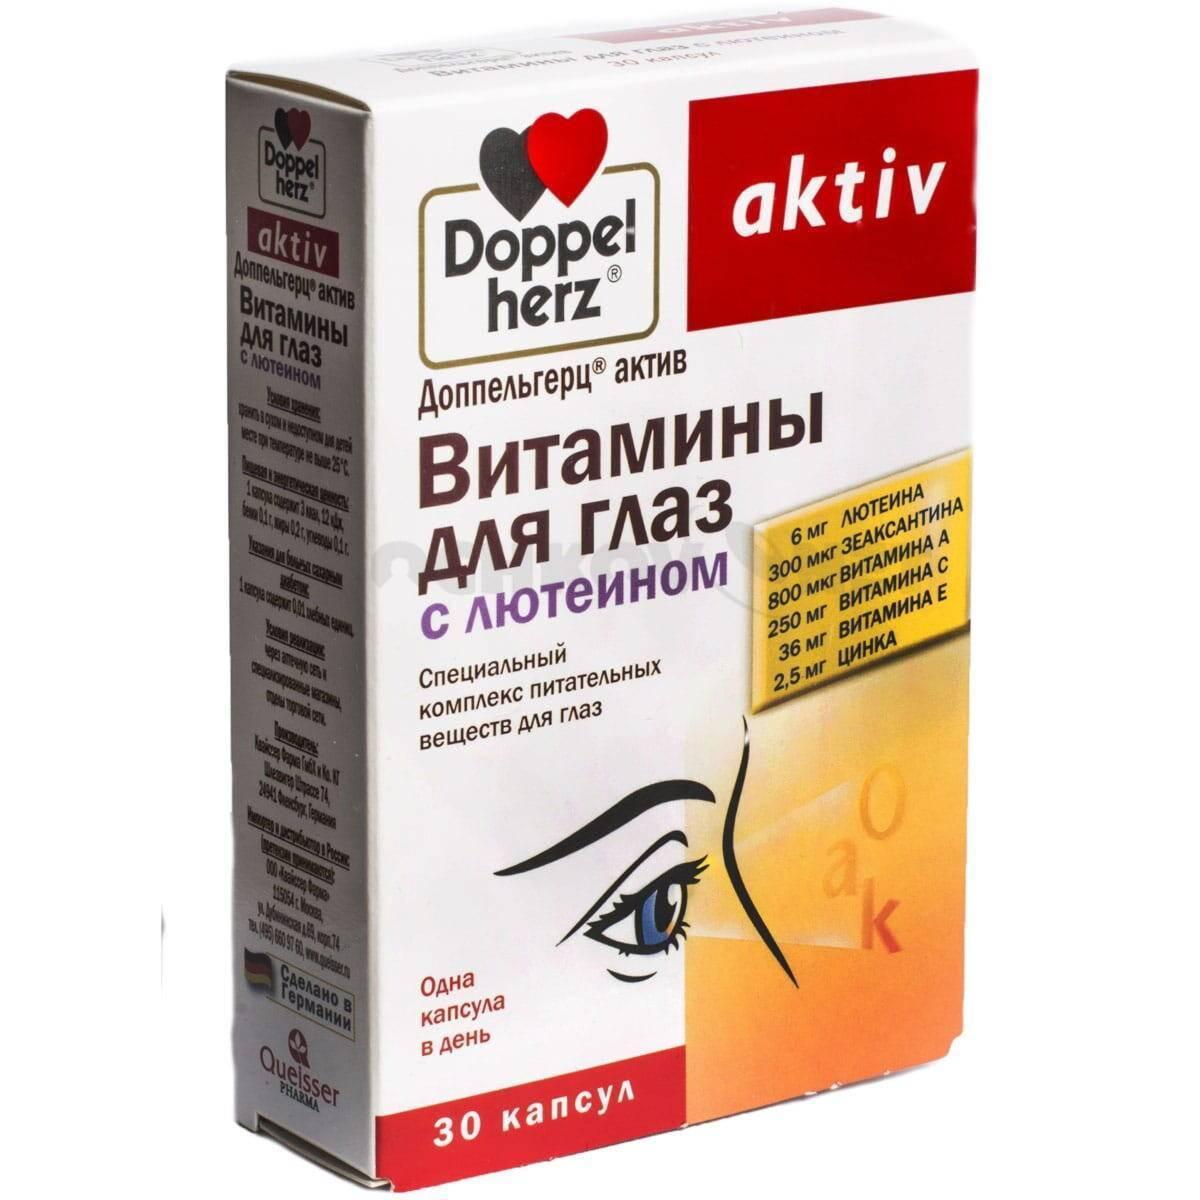 Витамины для улучшения зрения: как и что правильно принимать